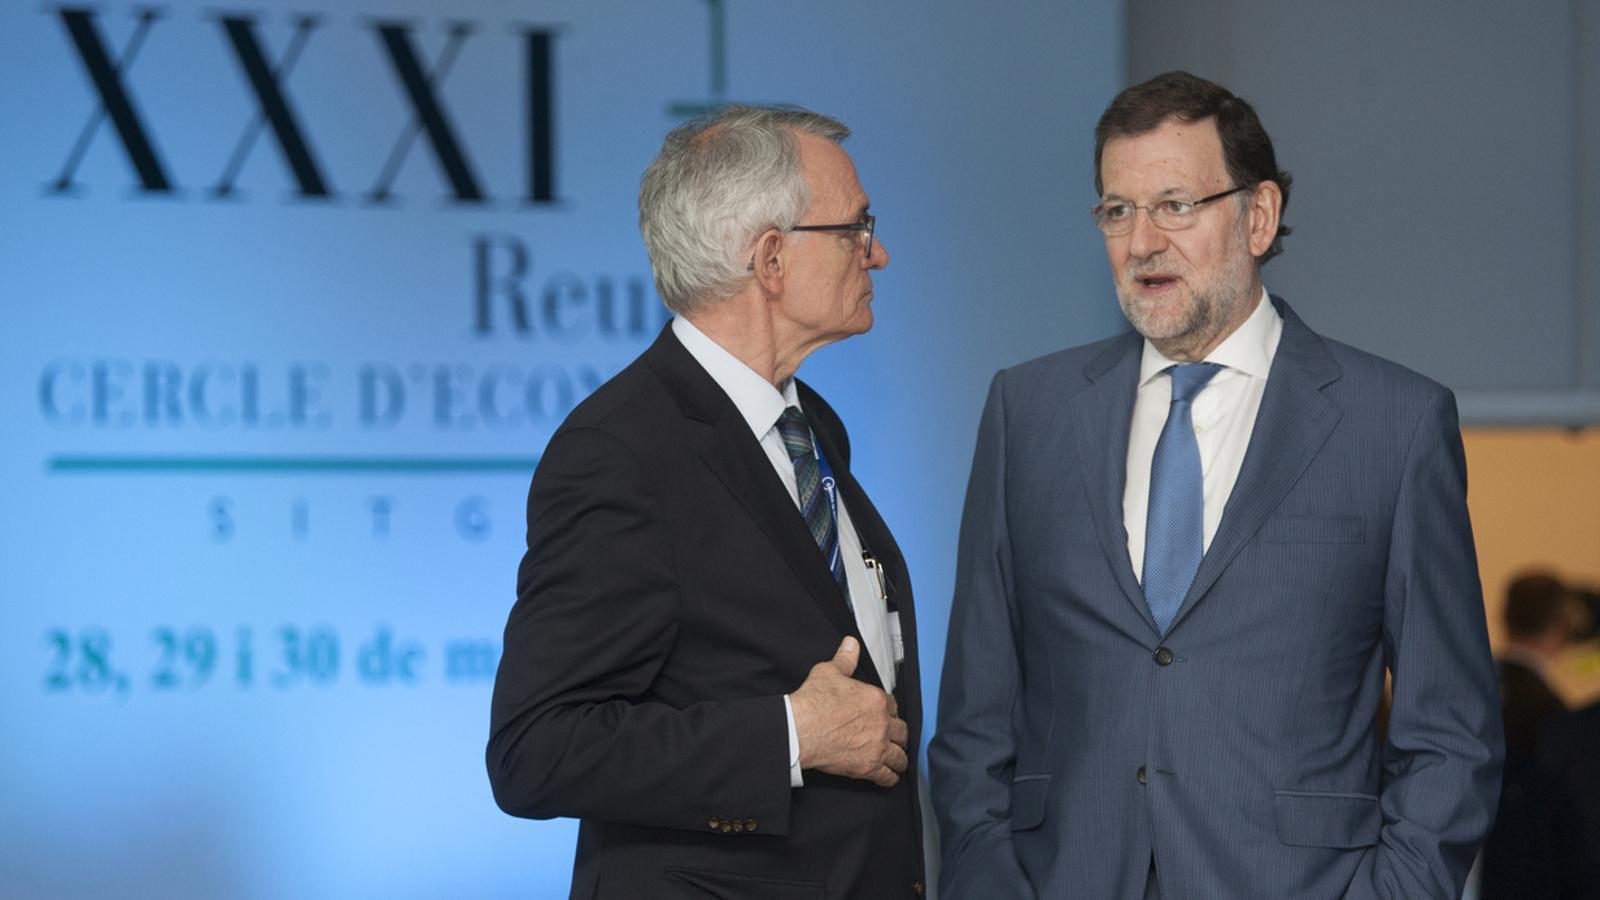 Els polítics espanyols eclipsen les jornades del Cercle d'Economia a l'espera que hi hagi Govern